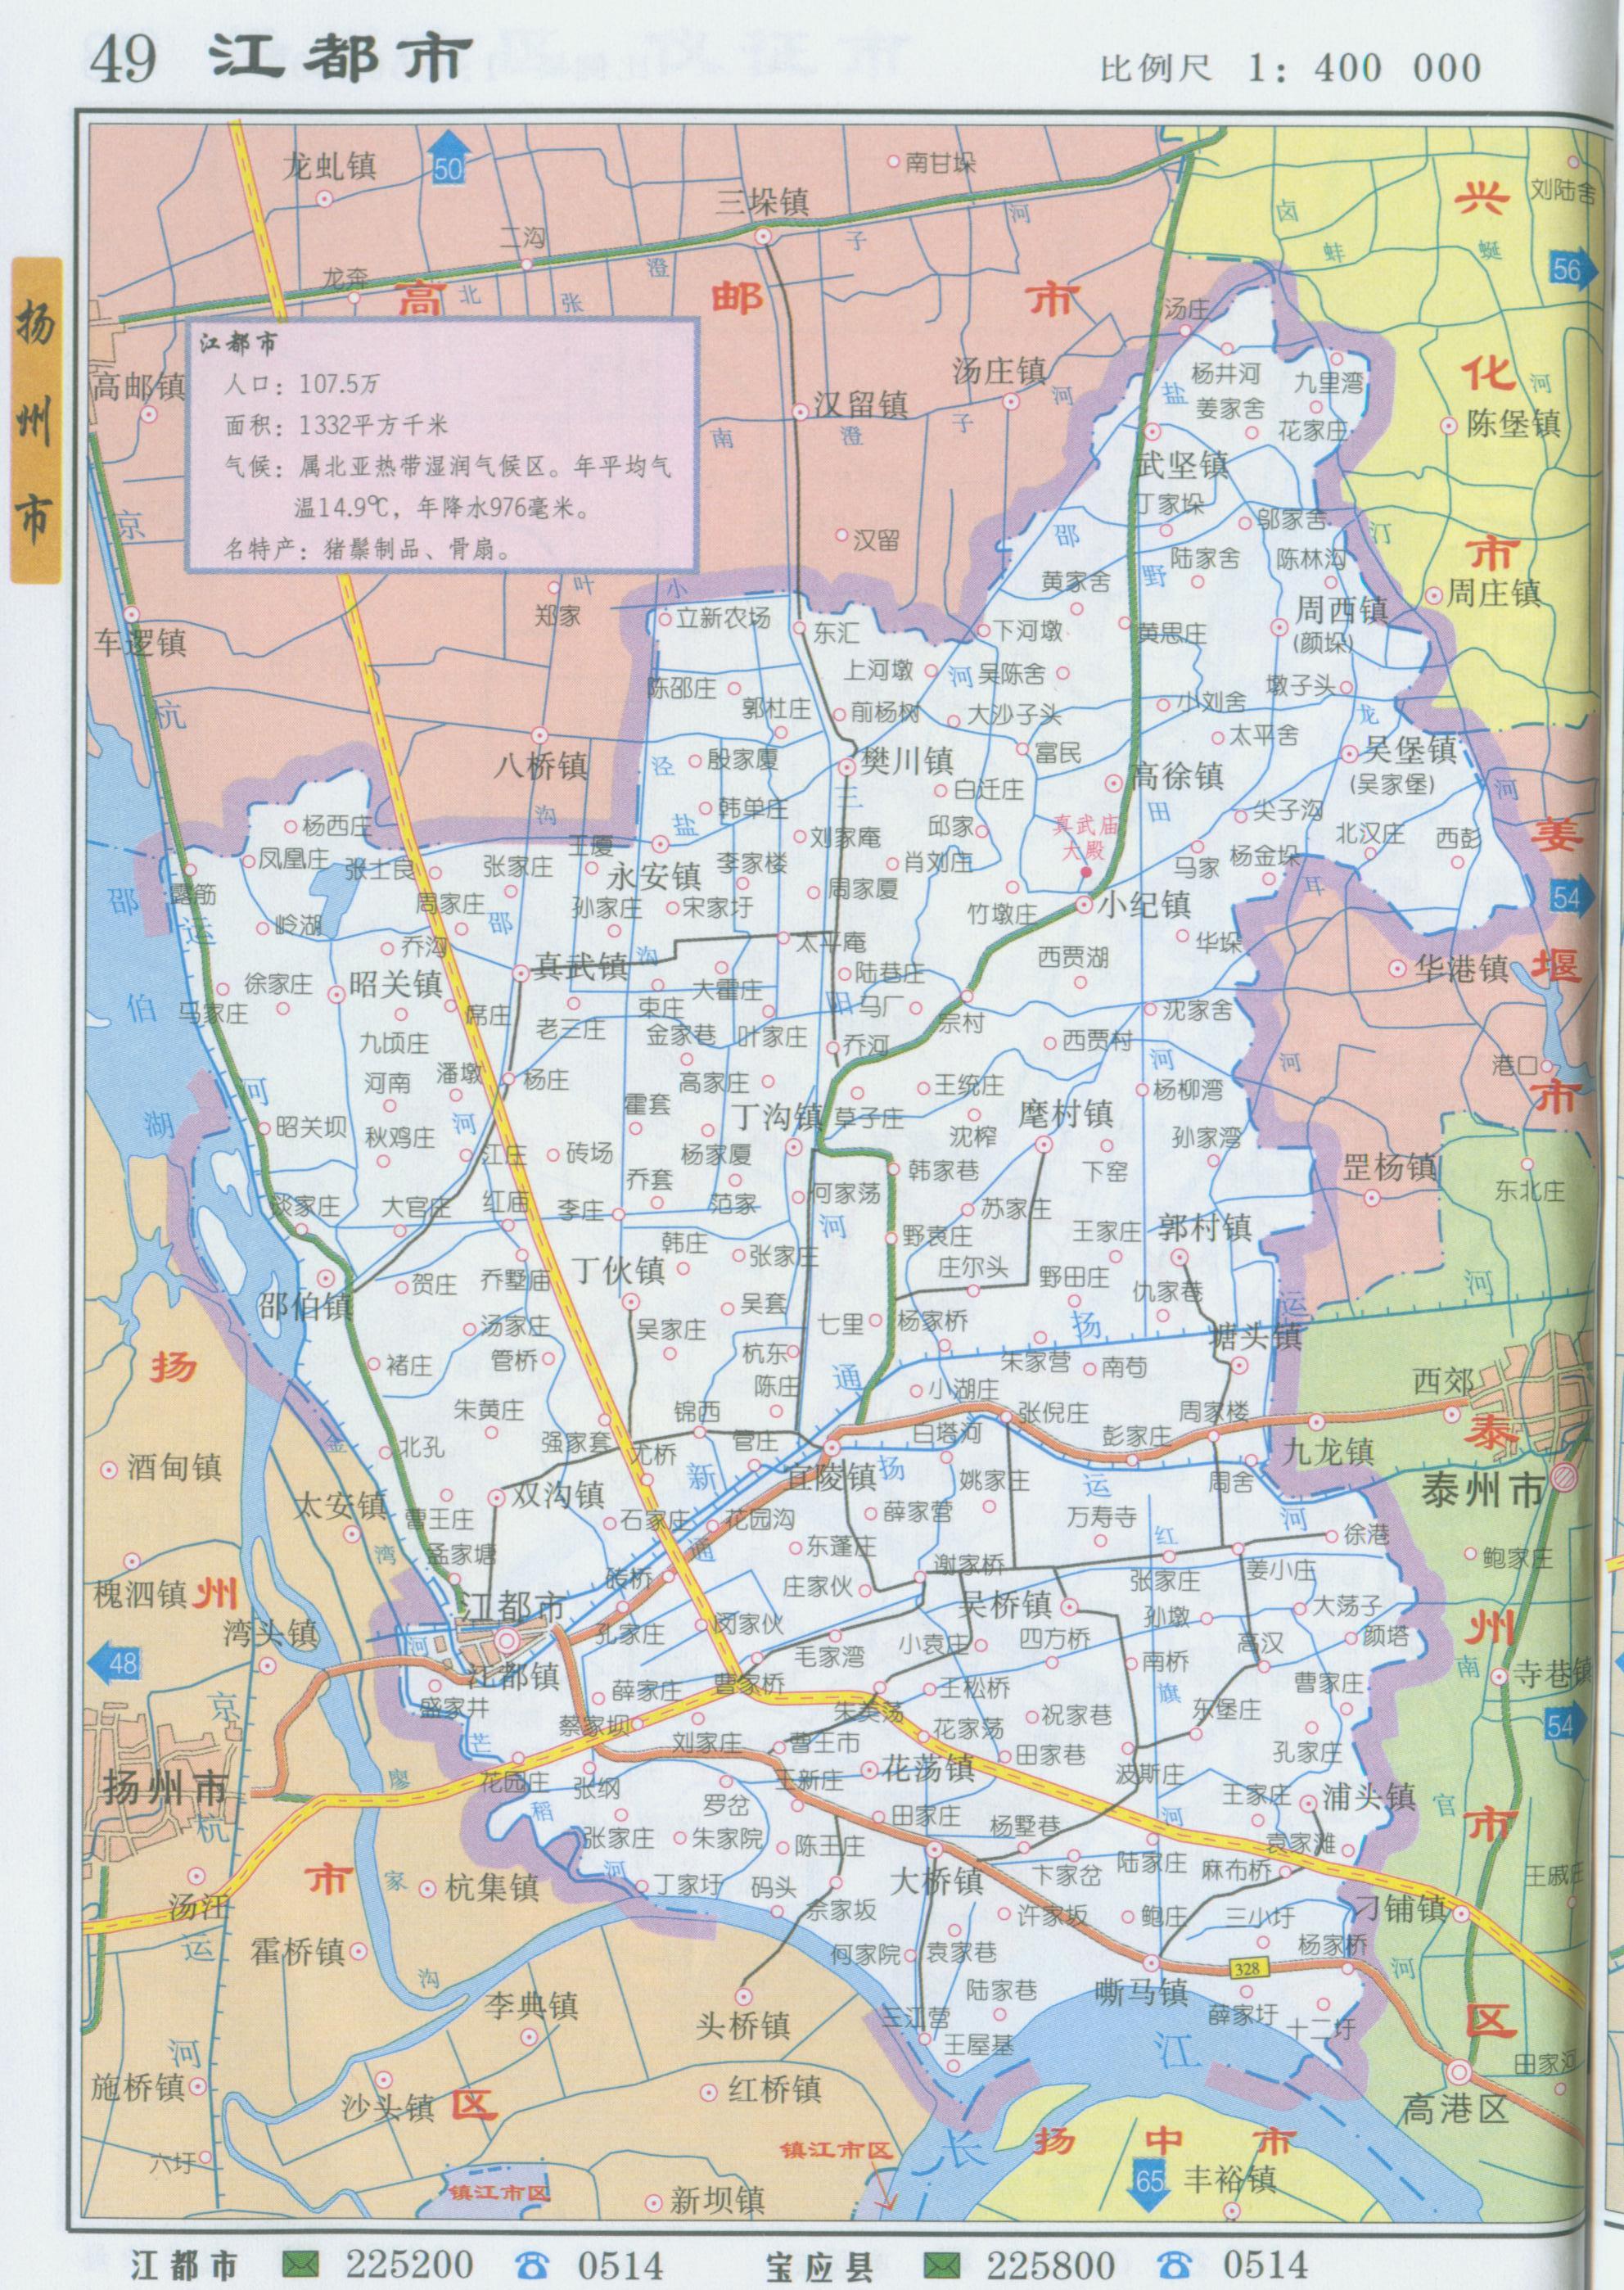 江都市地图_扬州地图库